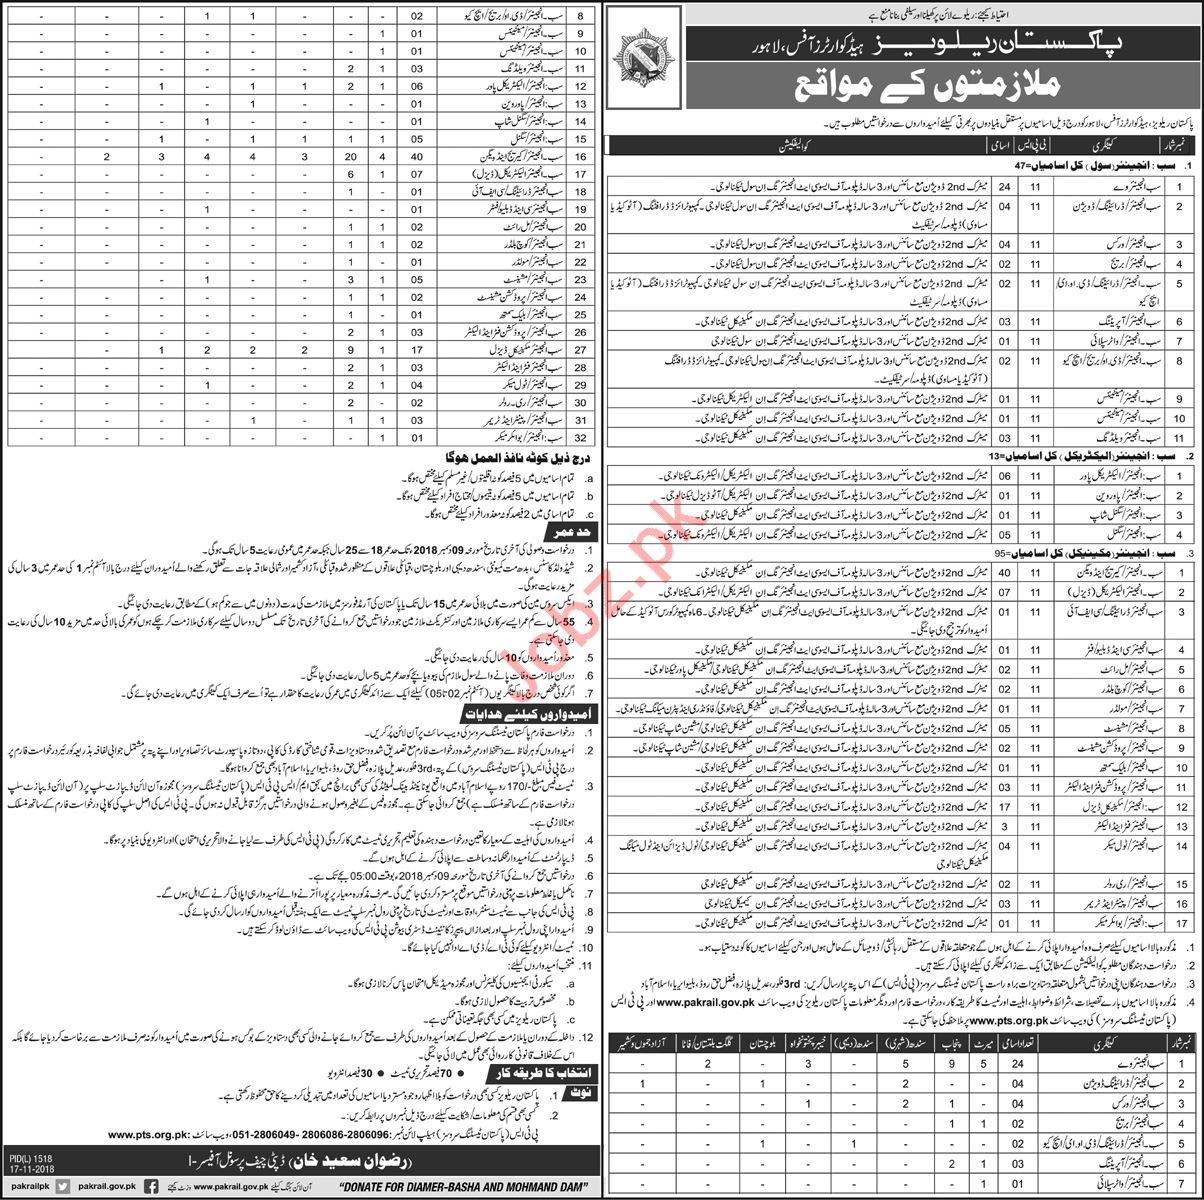 Pakistan Railways Sub Engineer Mechanical Careers